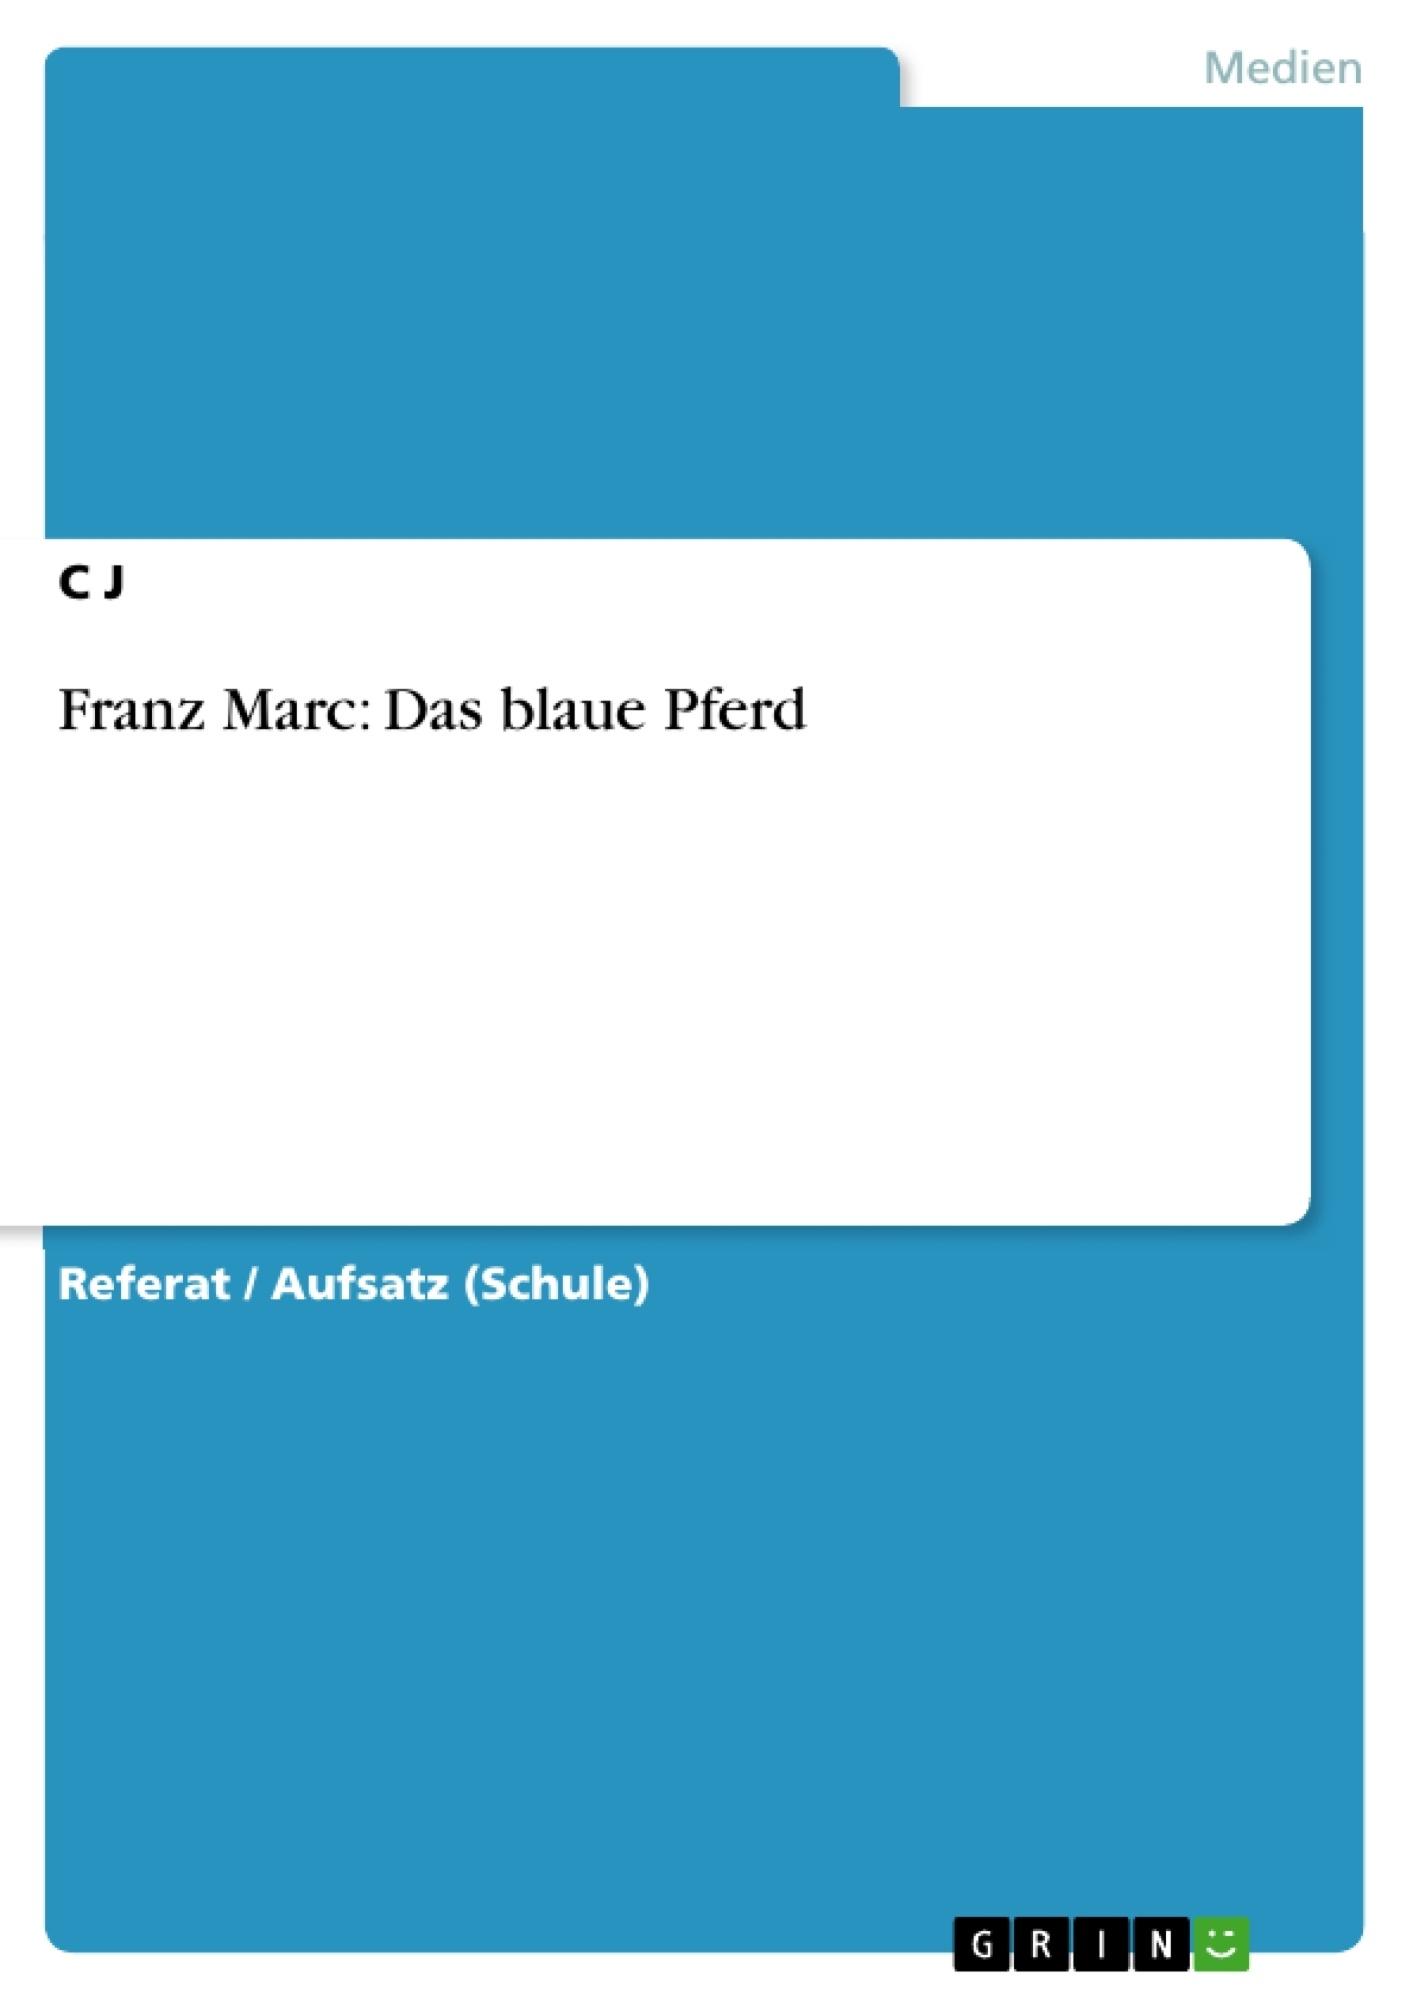 Titel: Franz Marc: Das blaue Pferd